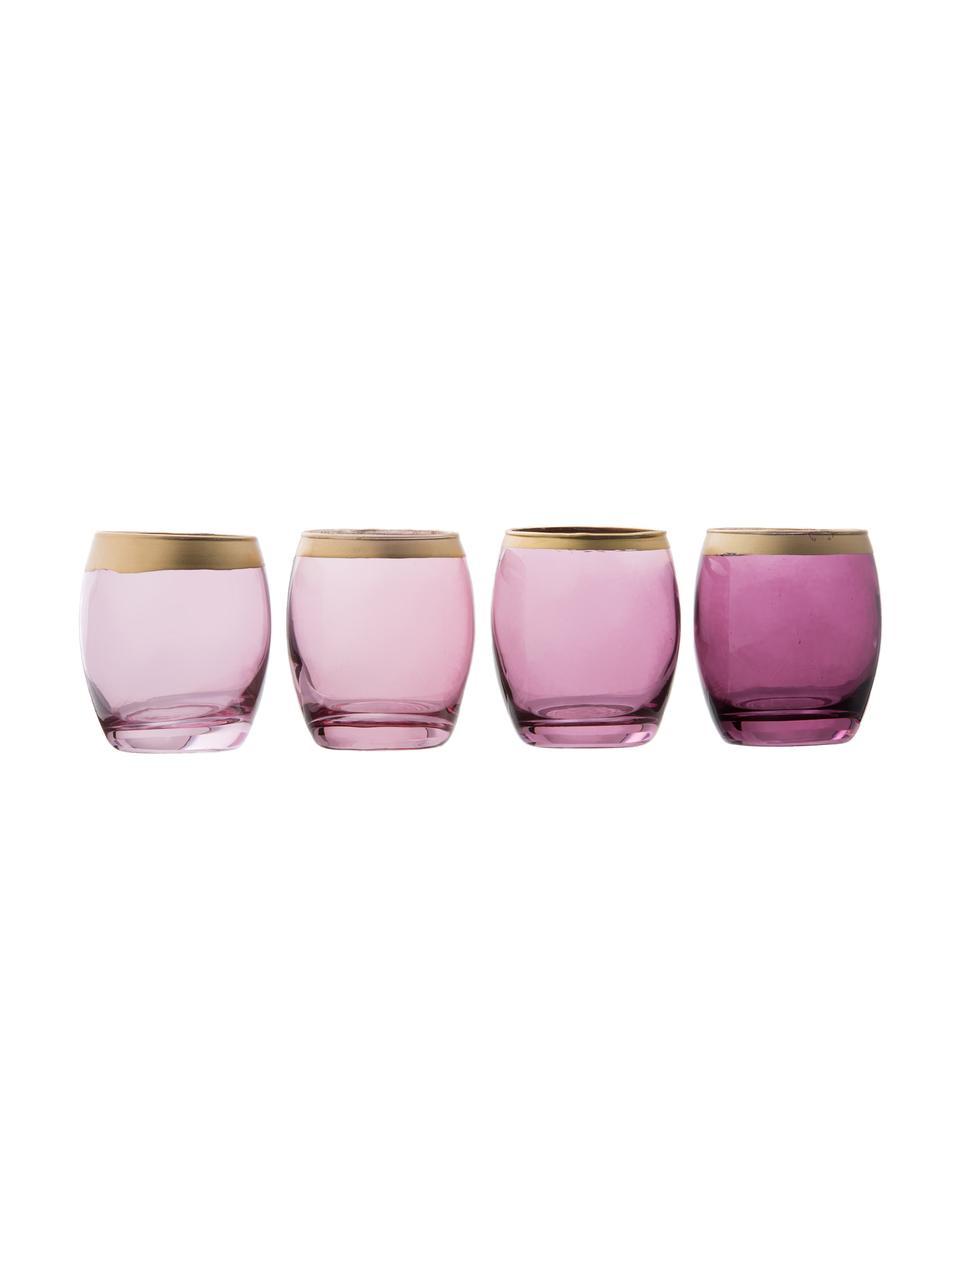 Teelichthalter-Set Jolina, 4-tlg., Glas, lackiert, Windlichter: Violetttöne, transparentRand: Goldfarben, Ø 8 x H 9 cm